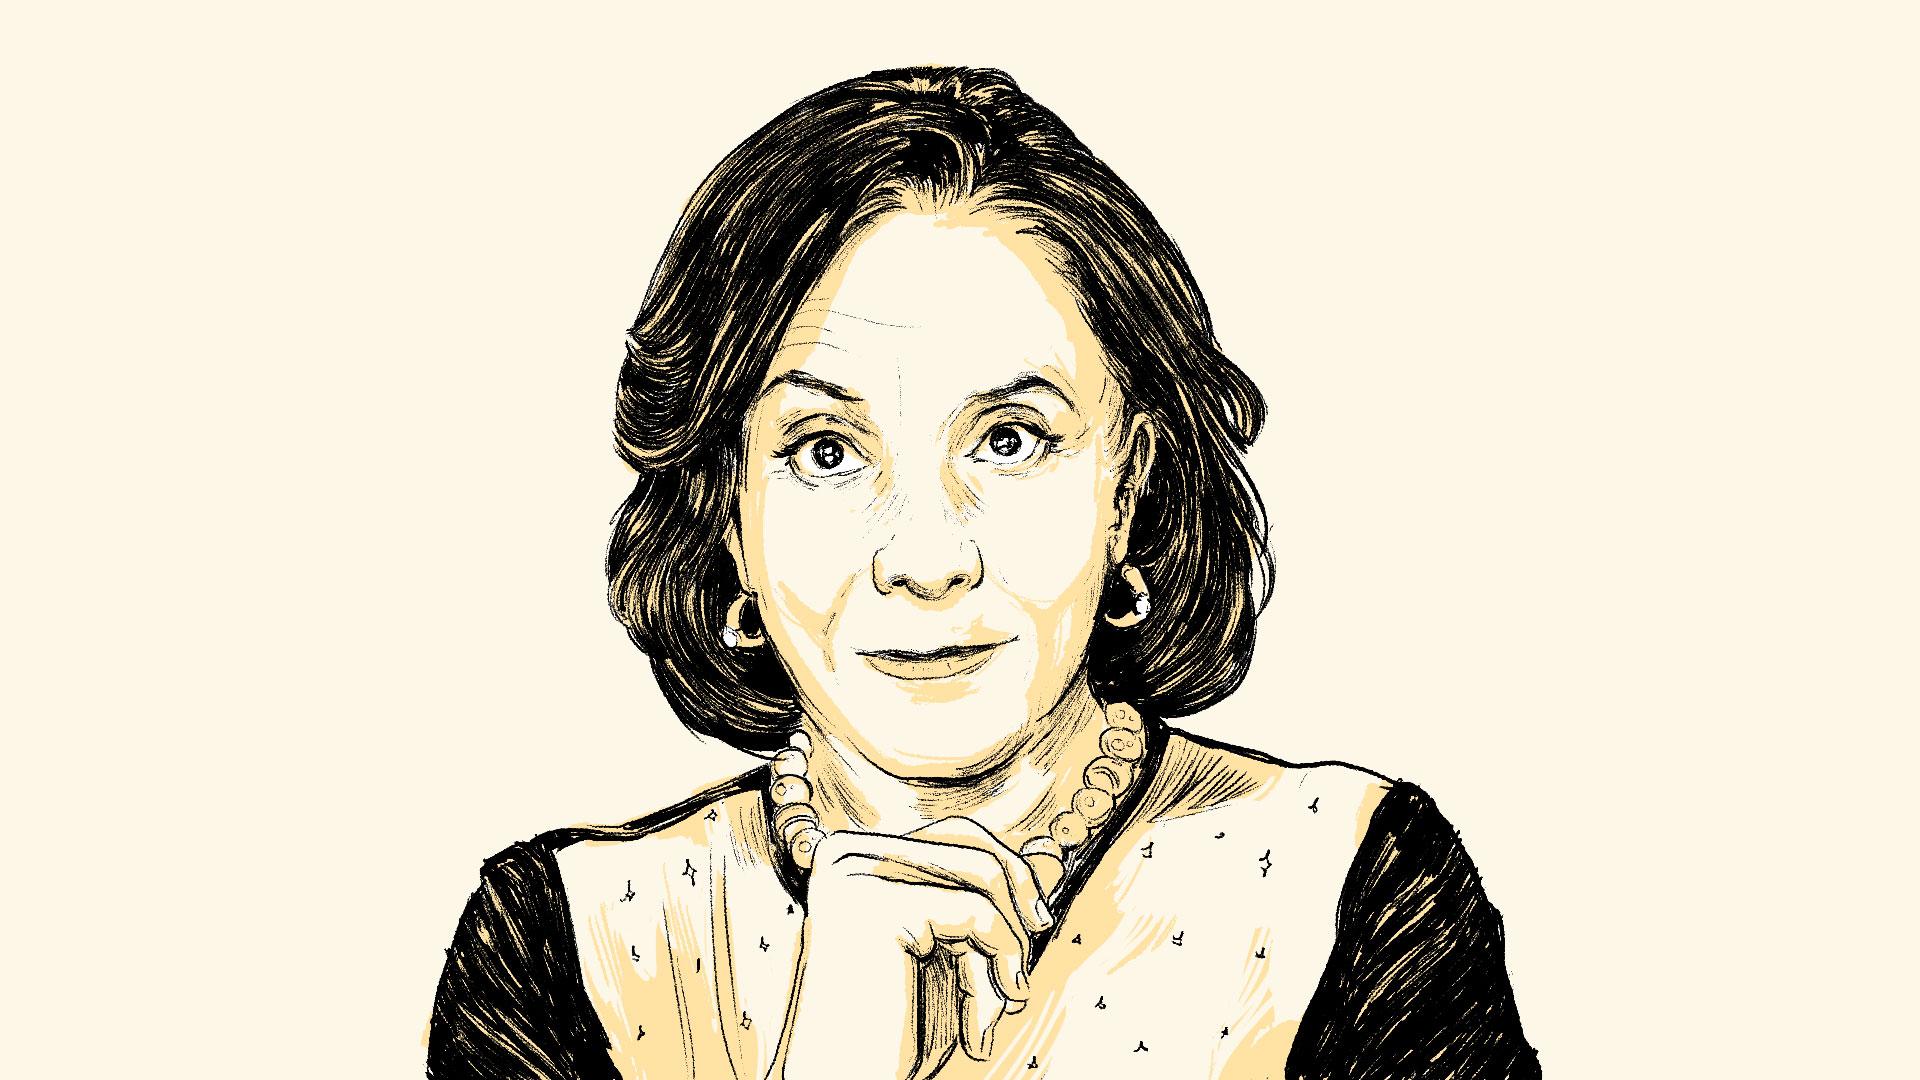 Muere Pilar Pellicer a los 82 años por COVID-19